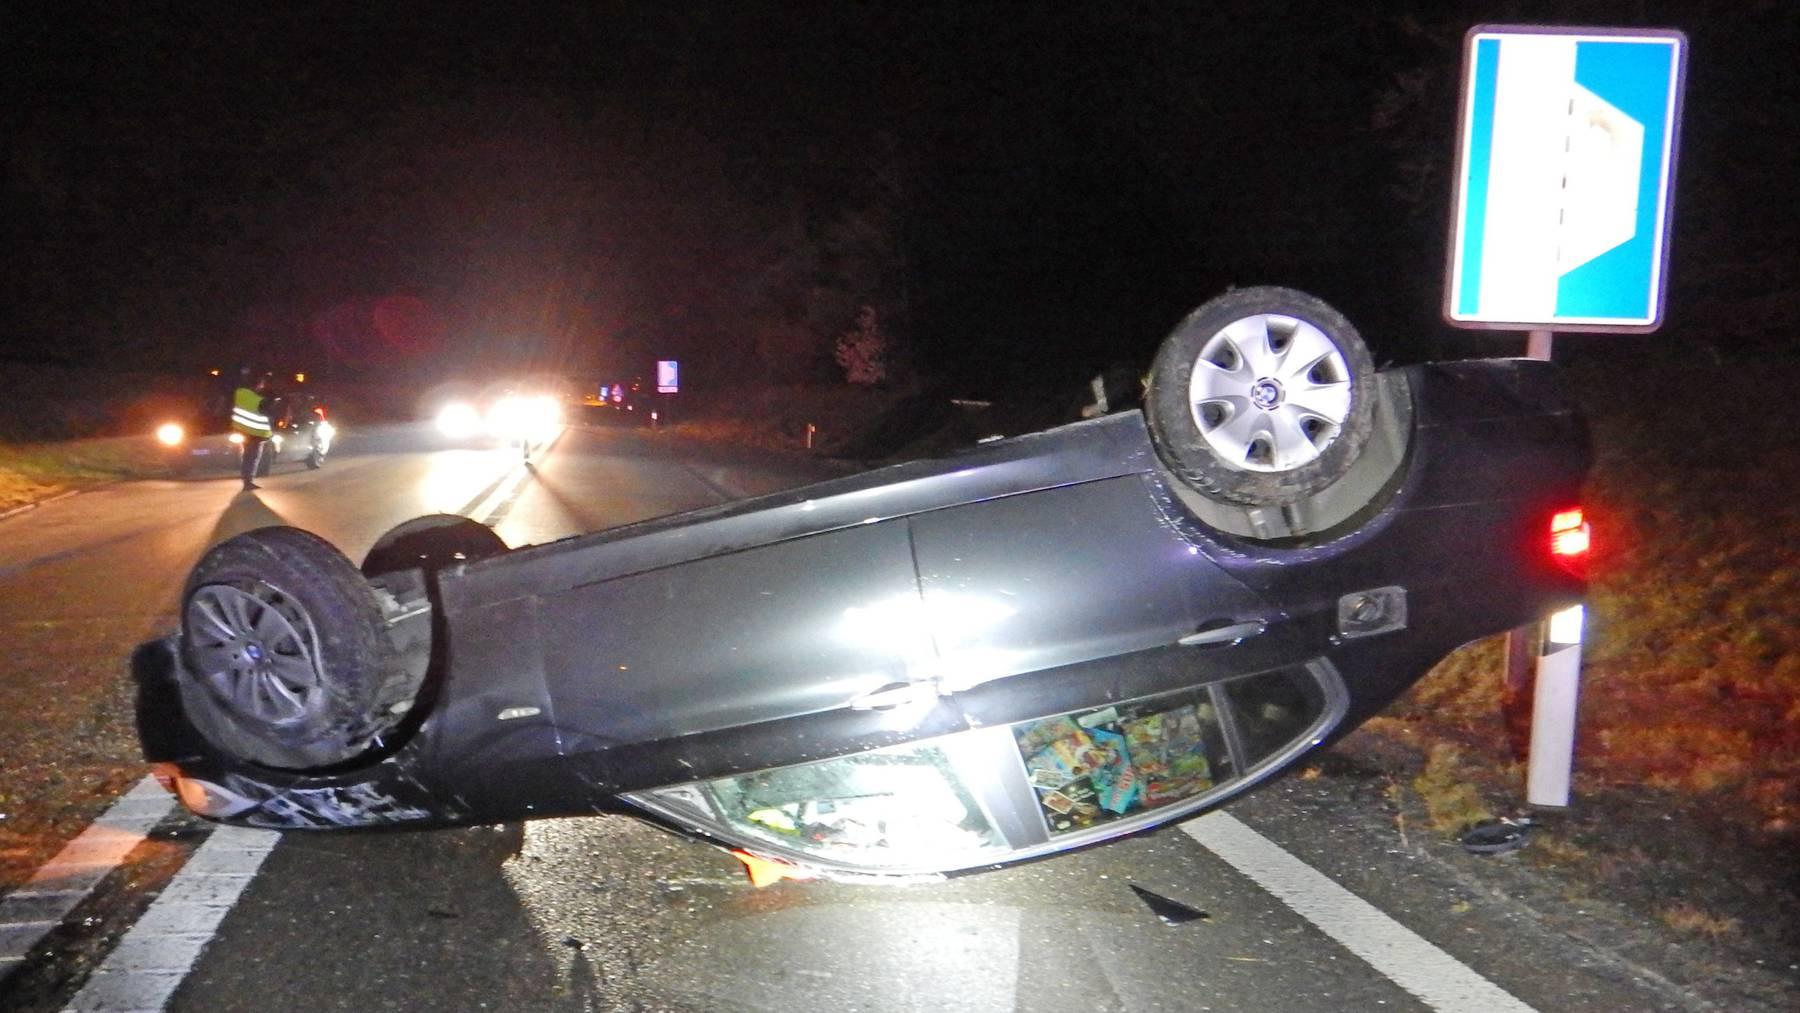 Der Sachschaden am Auto beträgt mehrere tausend Franken.